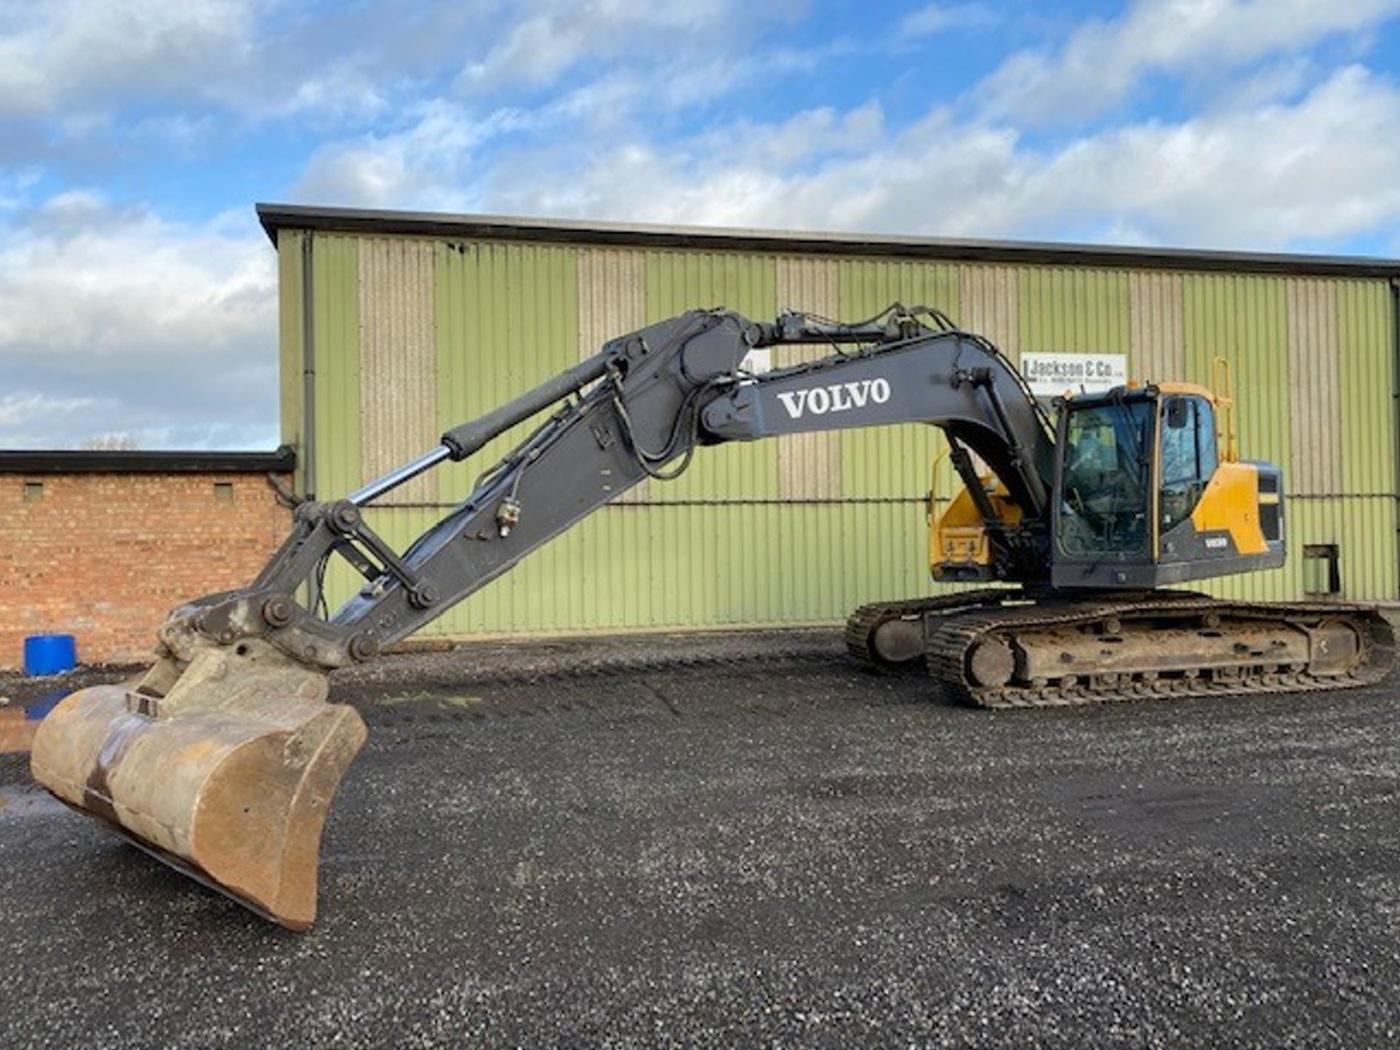 Just arrived 2  Volvo tracked excavators